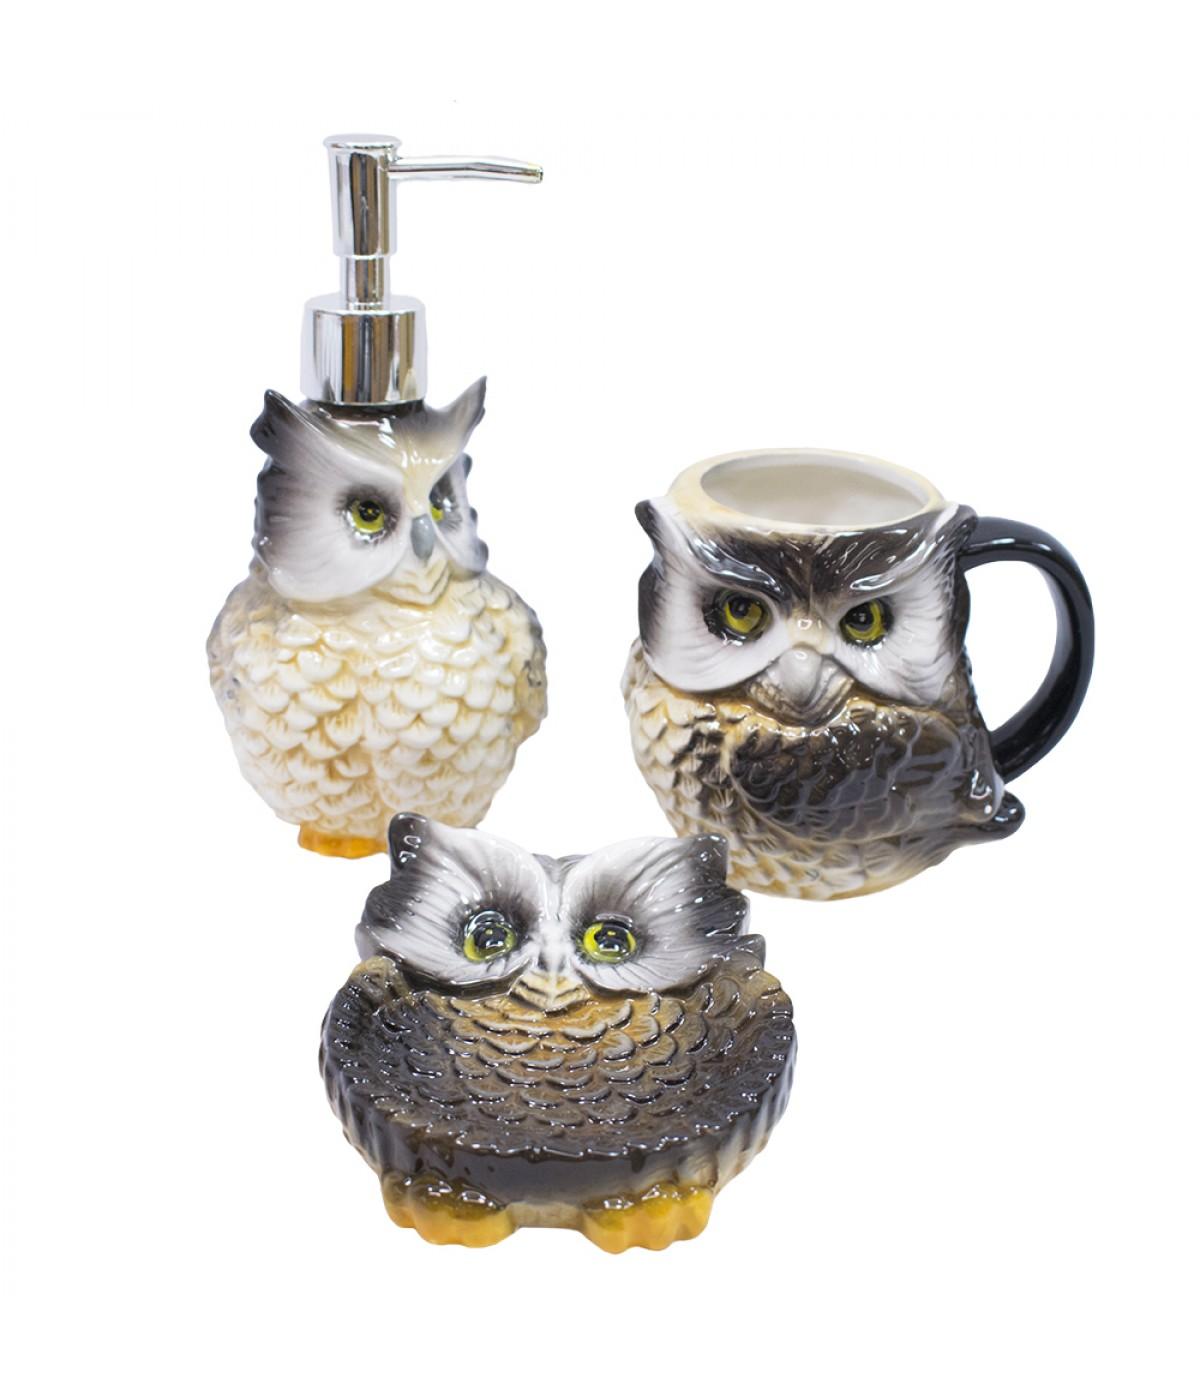 Jg utensílios de porcelana para banheiro coruja